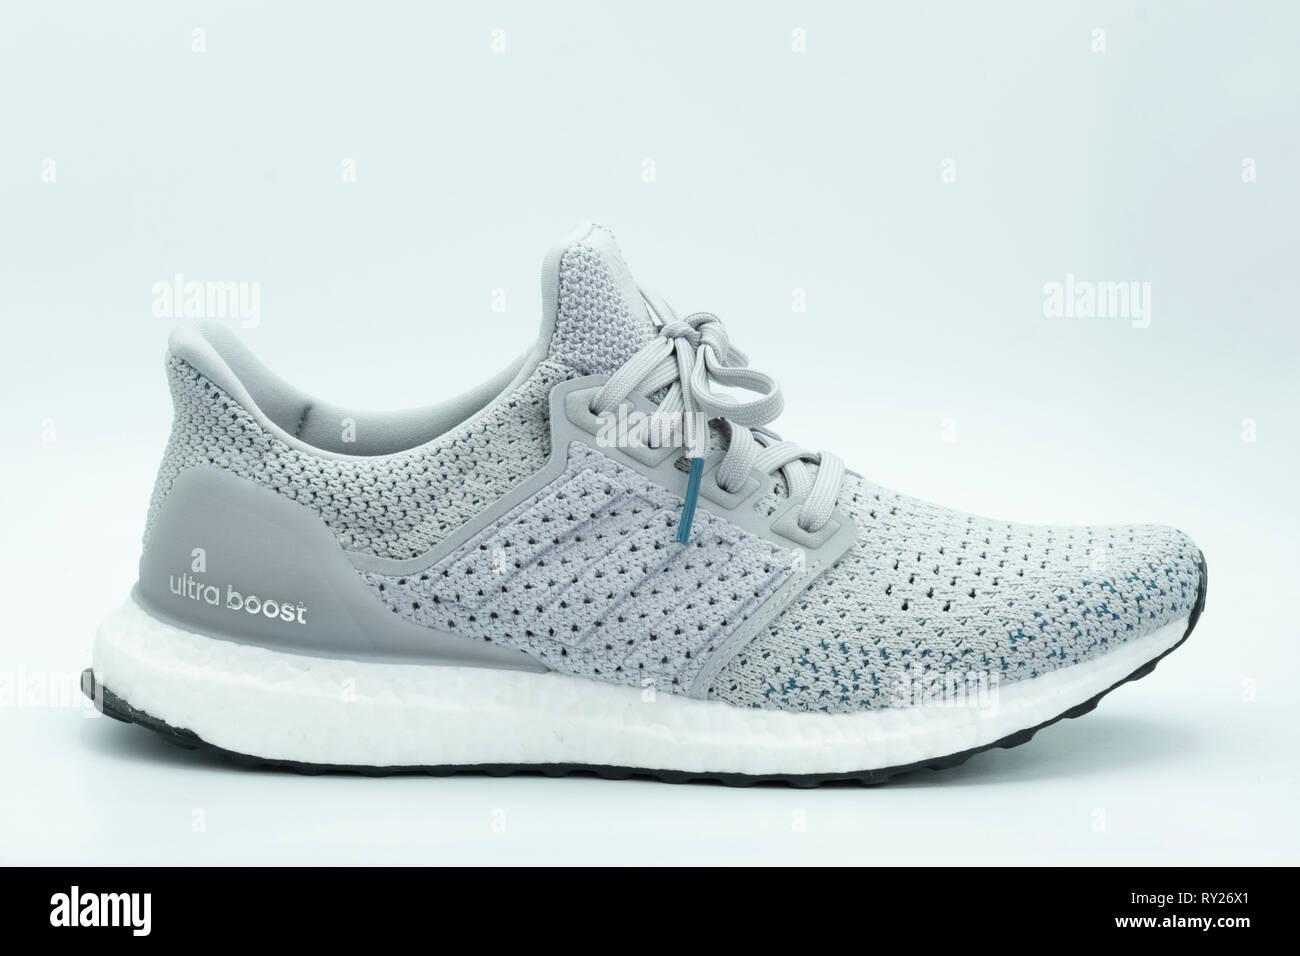 Vue Adidas Course Gris Chaussure Clima Ultraboost D'un Latérale De n0w8POk